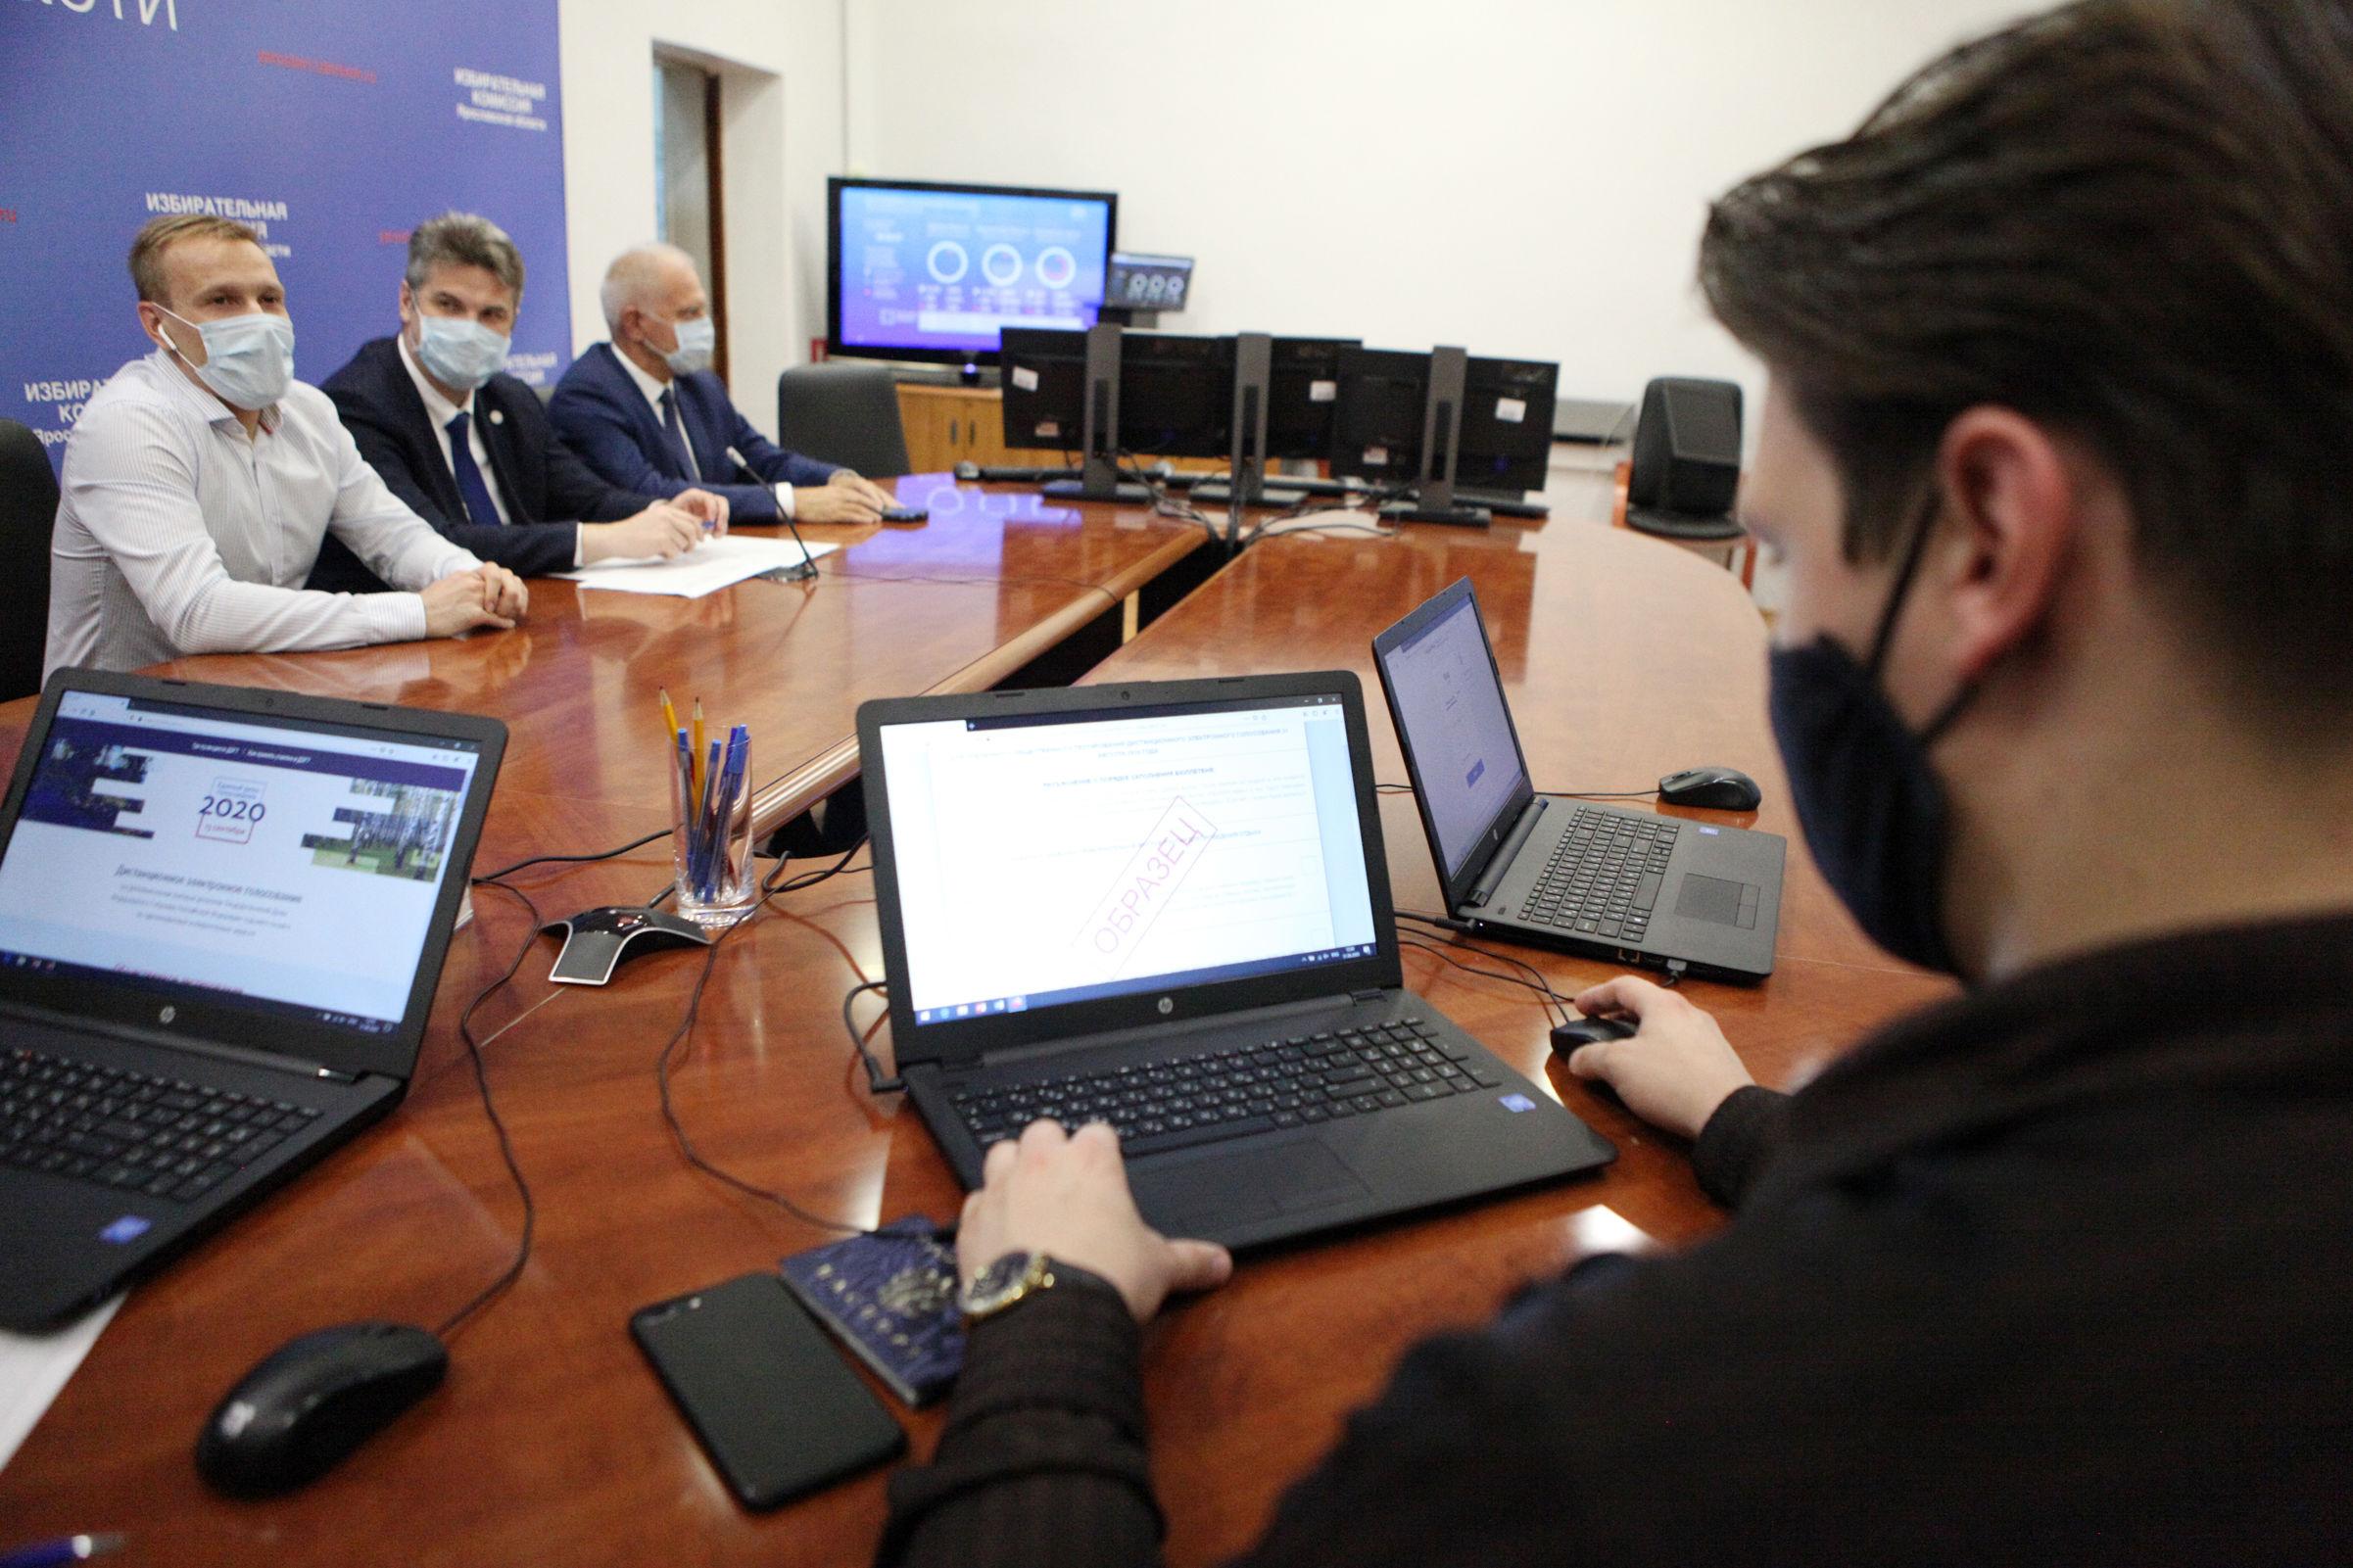 Более тысячи ярославцев приняли участие в общественном тестировании системы дистанционного электронного голосования